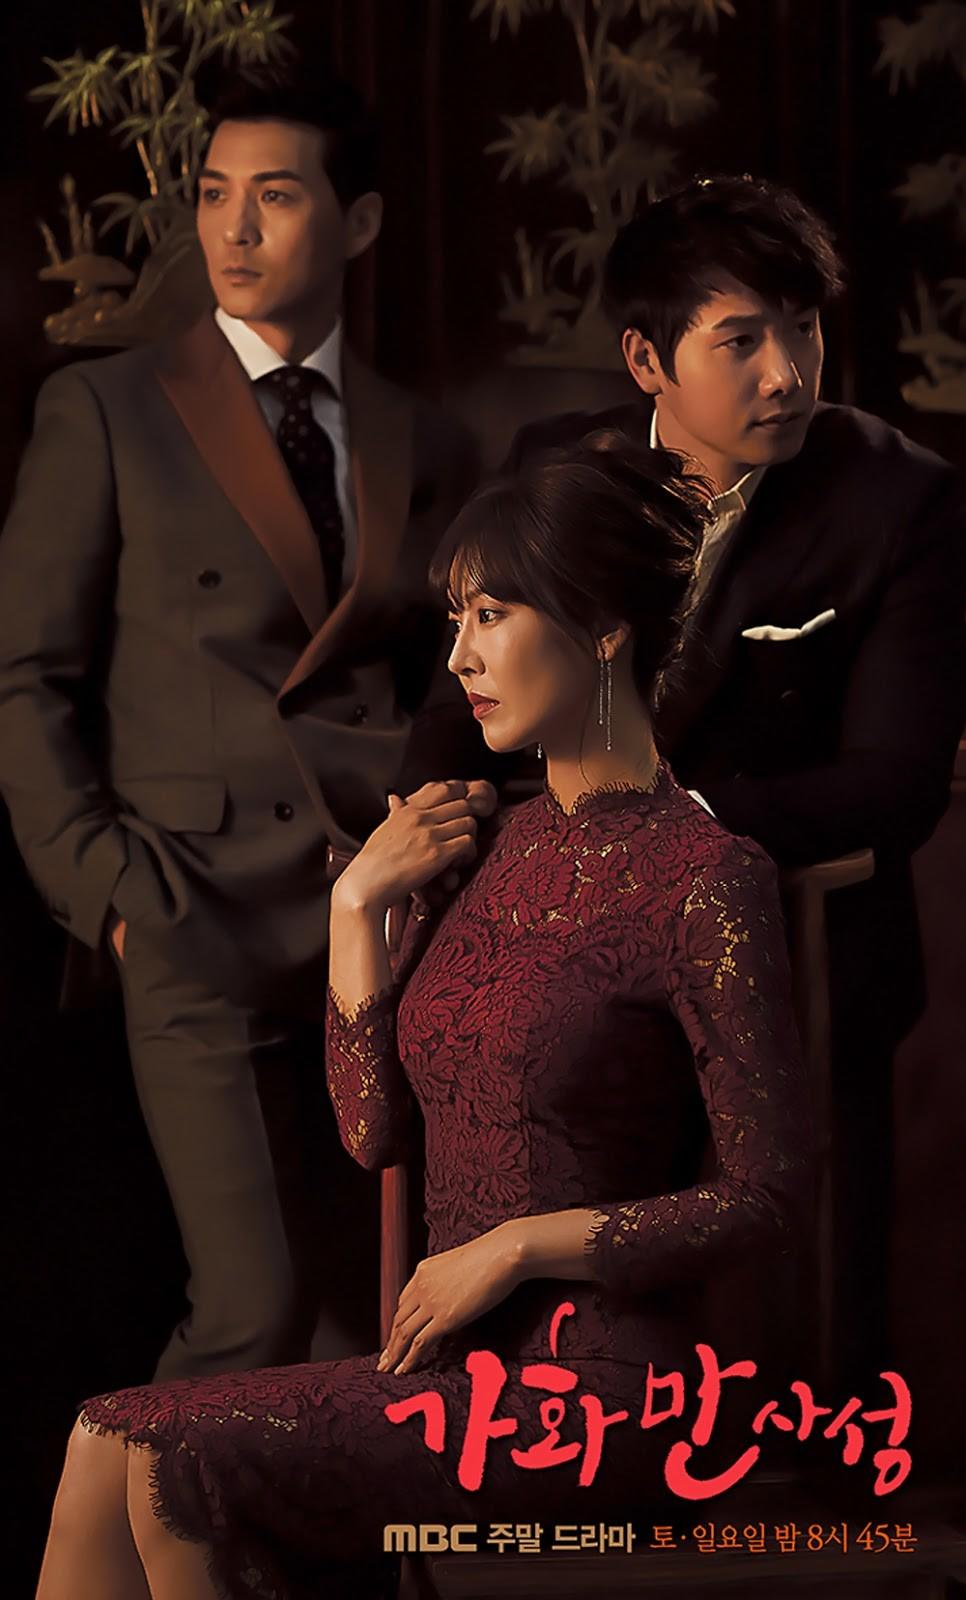 Сериал Счастливый дом ~ 가화만사성 Gahwamansasung ~ Happy Home (Южная Корея)